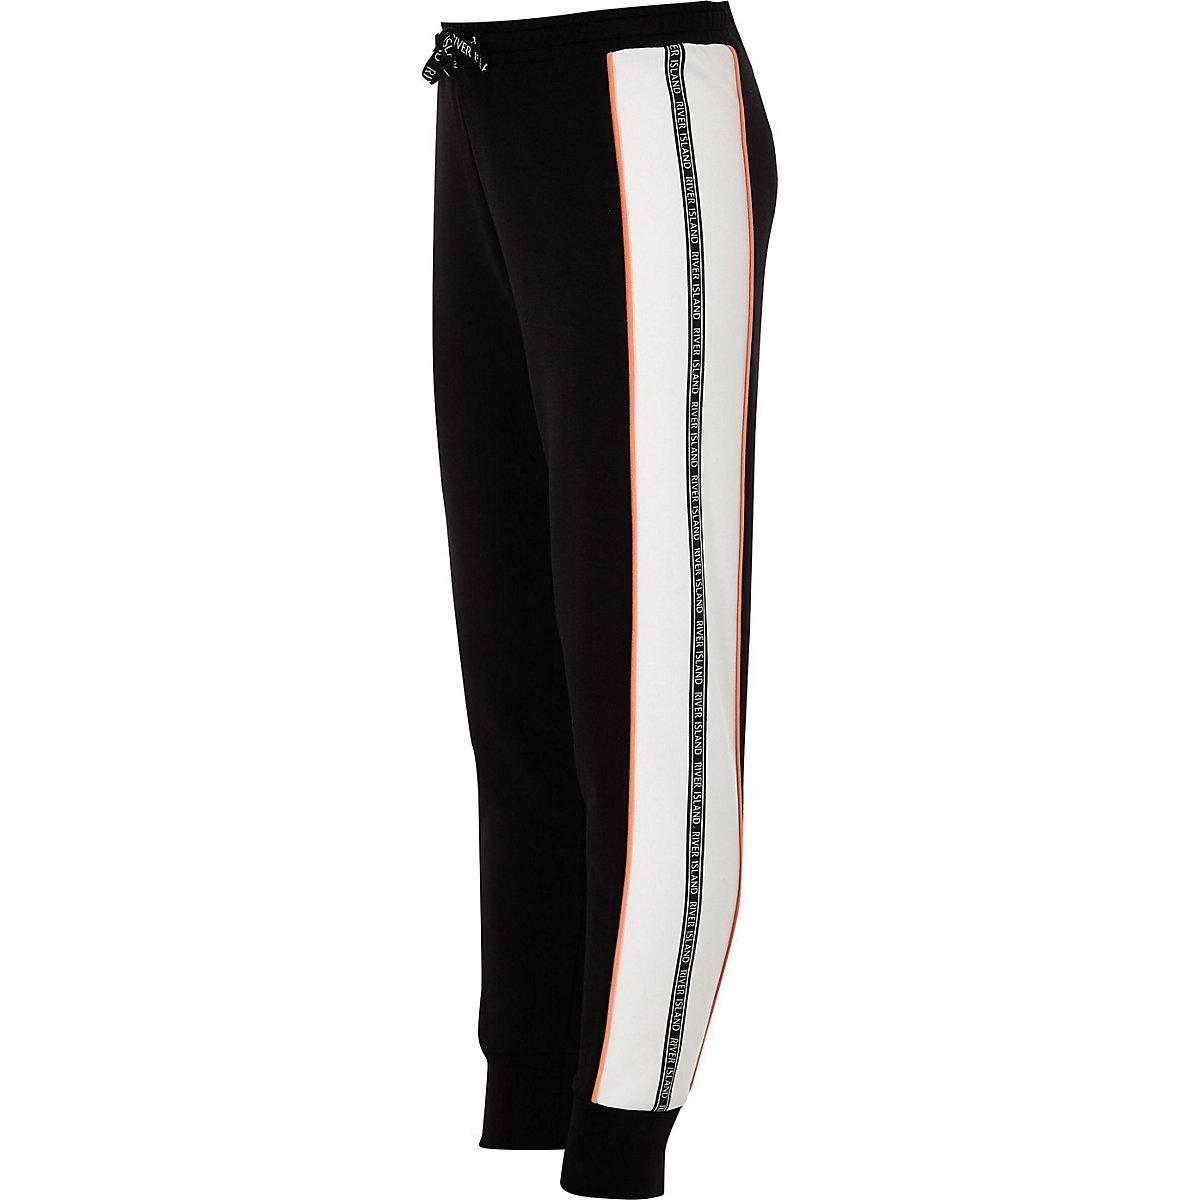 ... Pantalon de jogging noir avec bandes latérales à logo RI pour fille ... a9693ceef84